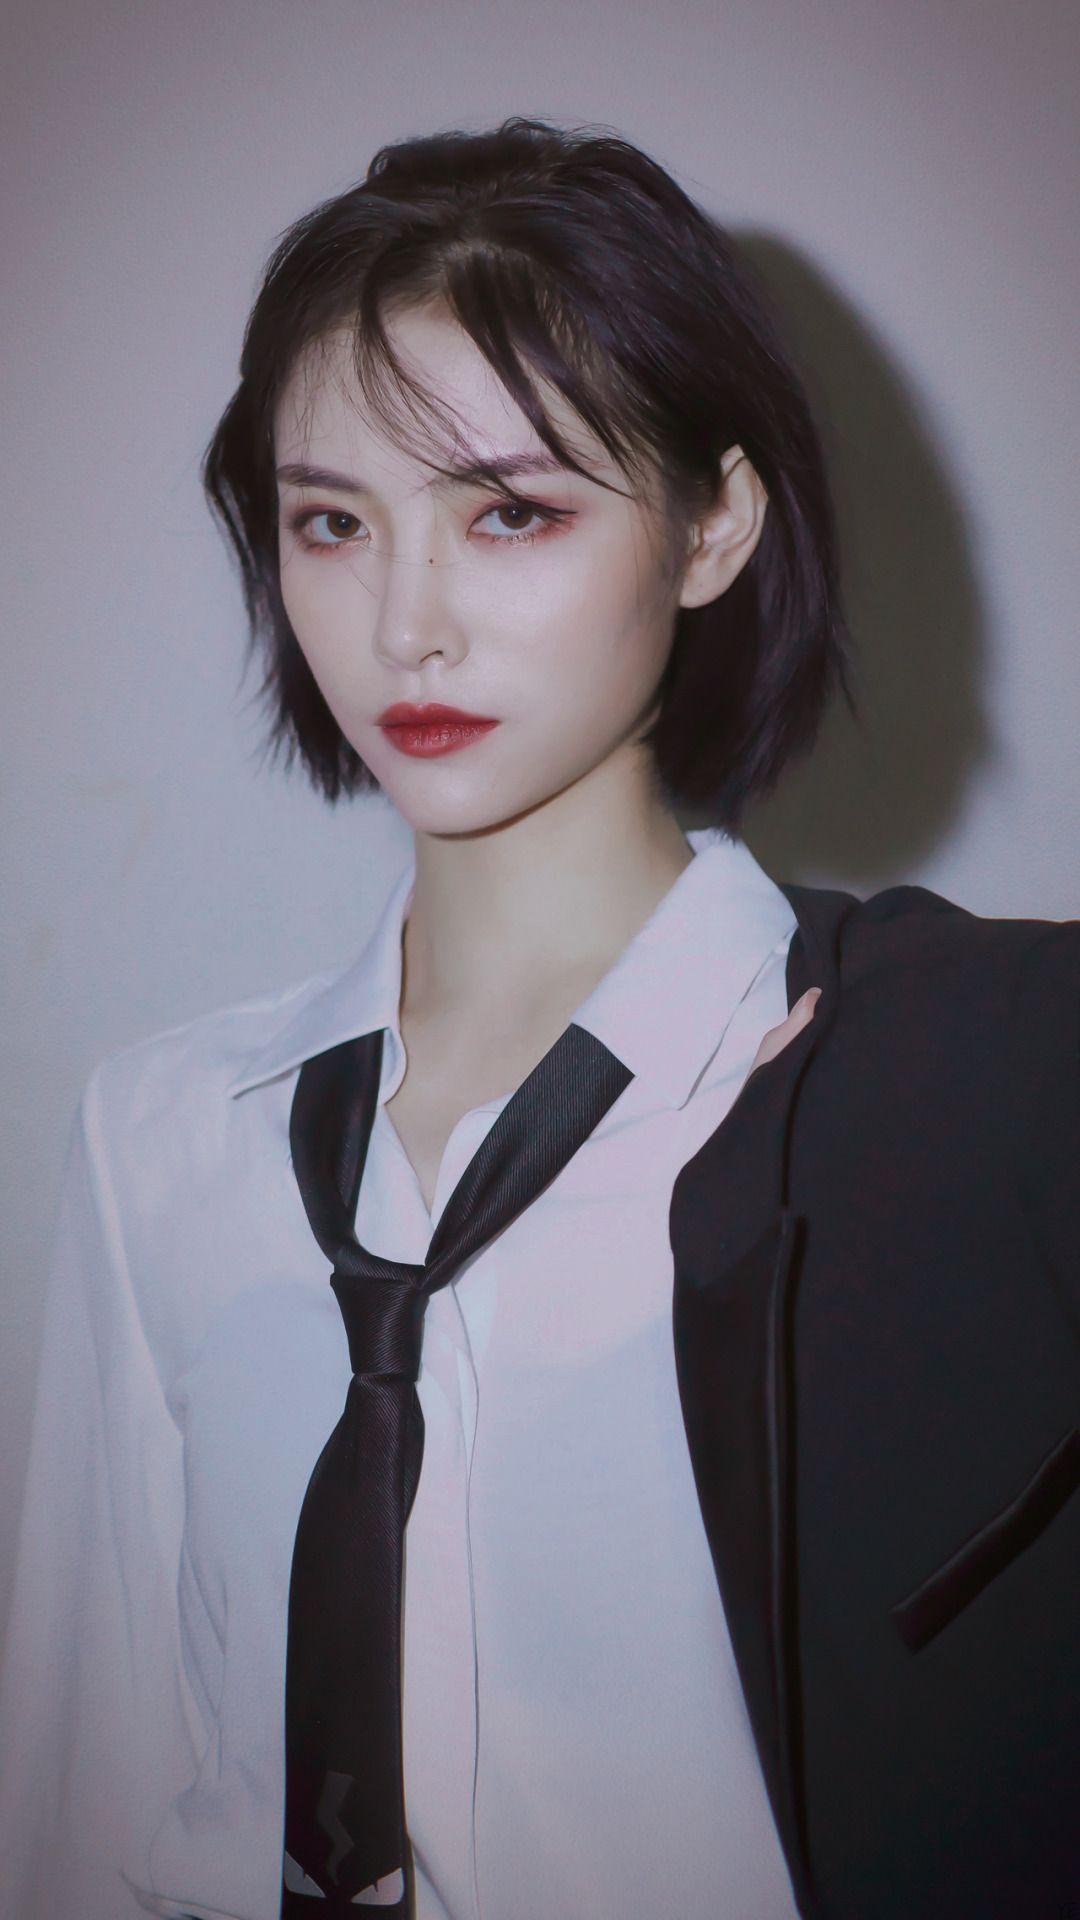 Pin Oleh Kai Kwan Chan Di Snh48 Ide Potongan Rambut Gaya Rambut Modern Gaya Rambut Pendek Anak Perempuan